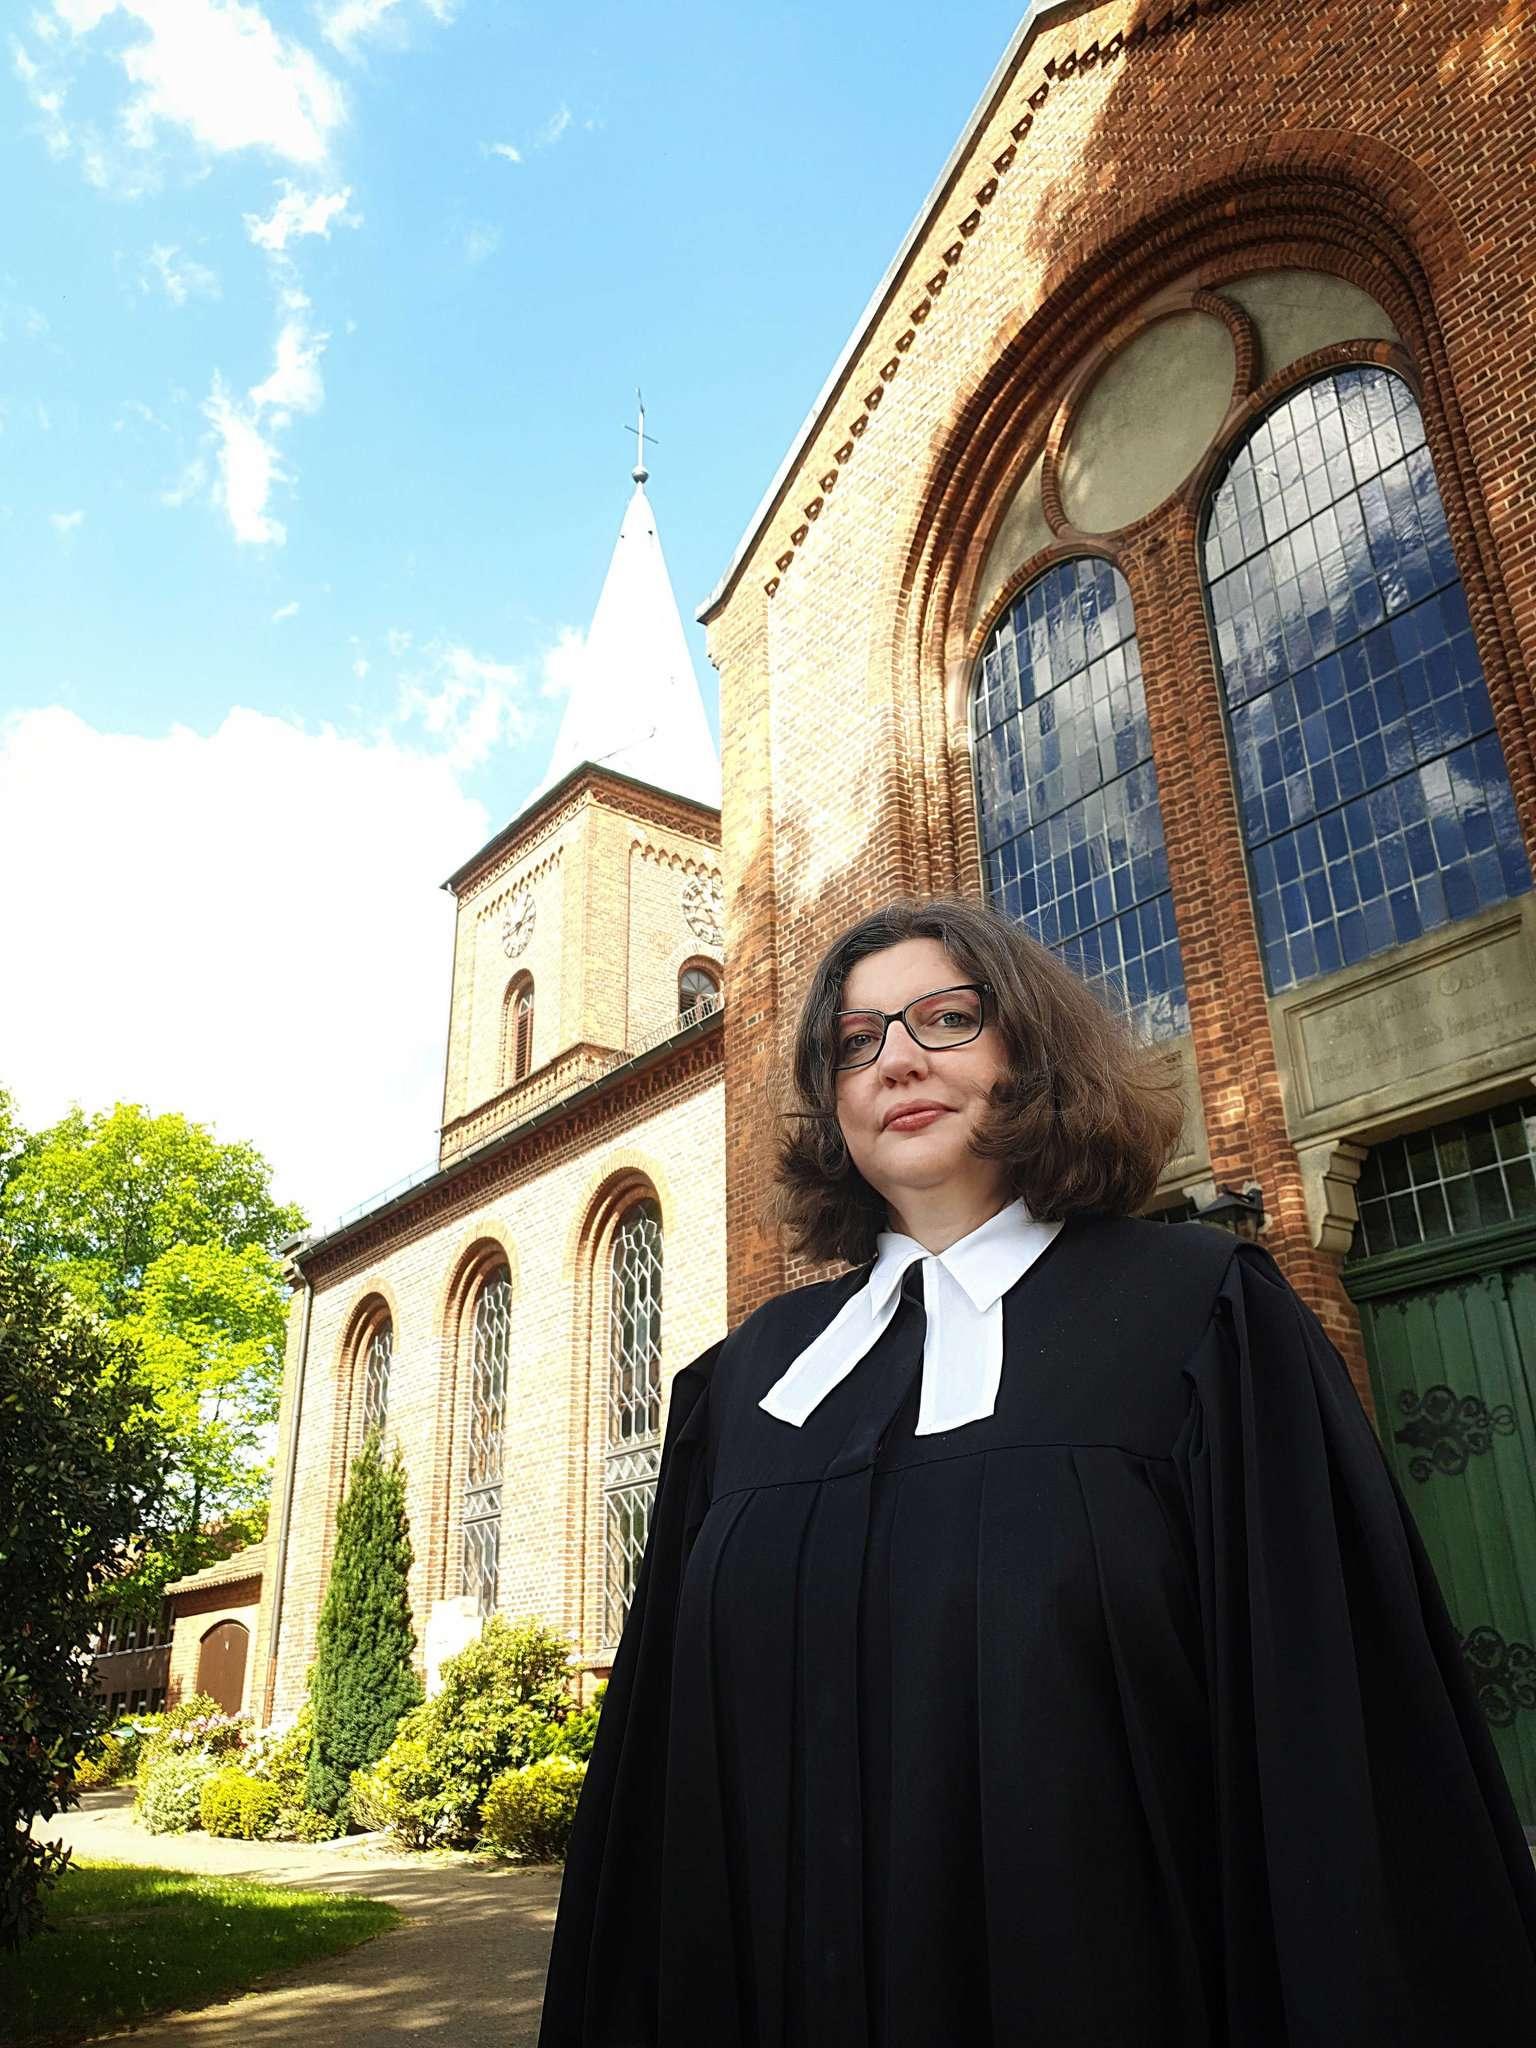 Silke Oestermann, neue Pastorin der Kirchengemeinde Oyten. Foto: Tobias Woelki